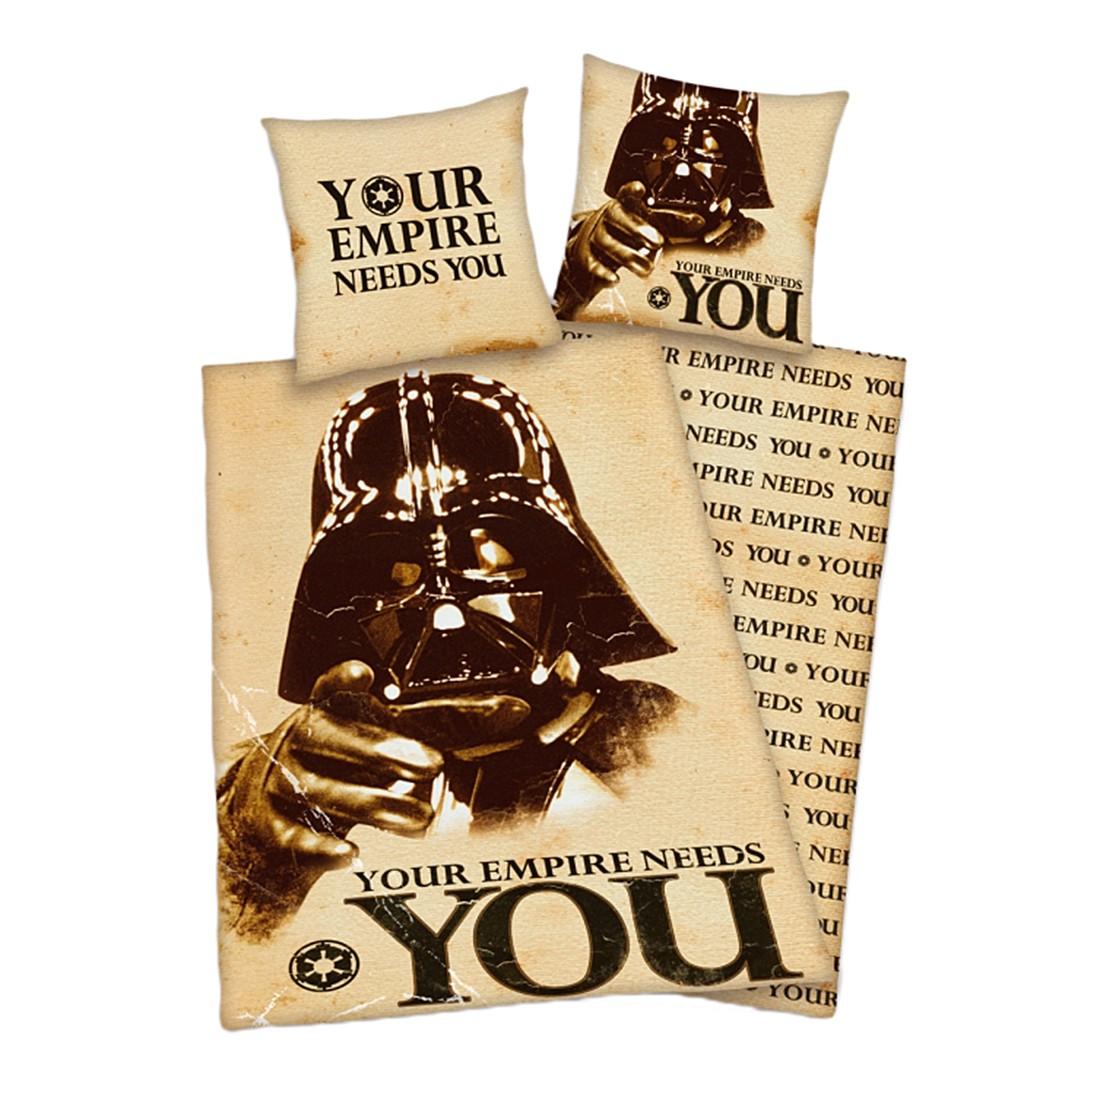 Bettwäsche Star Wars Empire, Herding günstig online kaufen